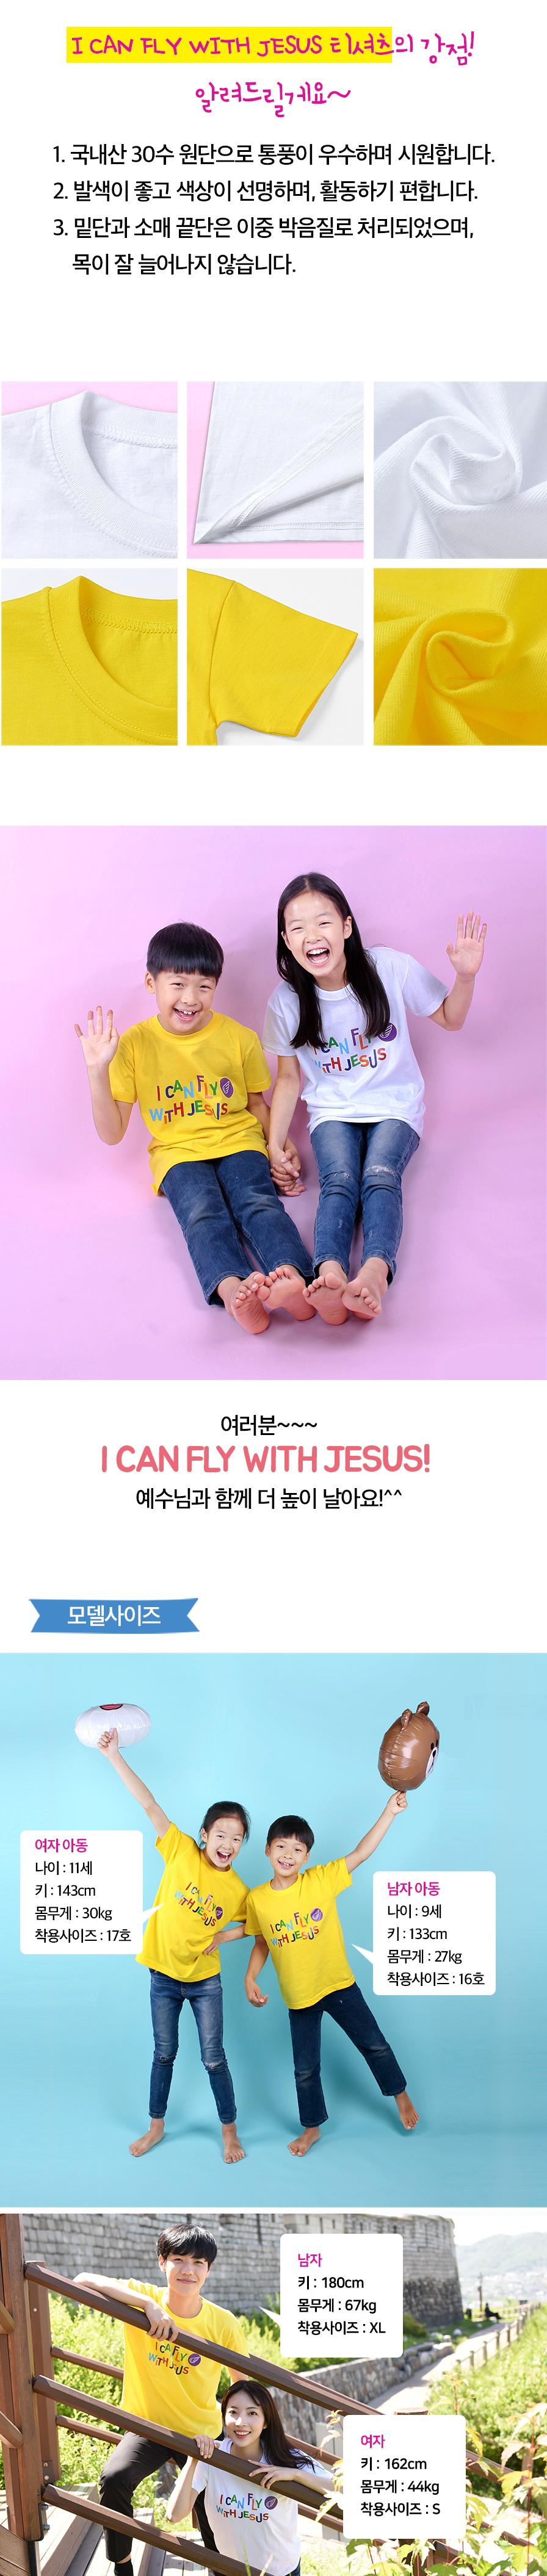 교회단체티 I can fly with Jesus 강점